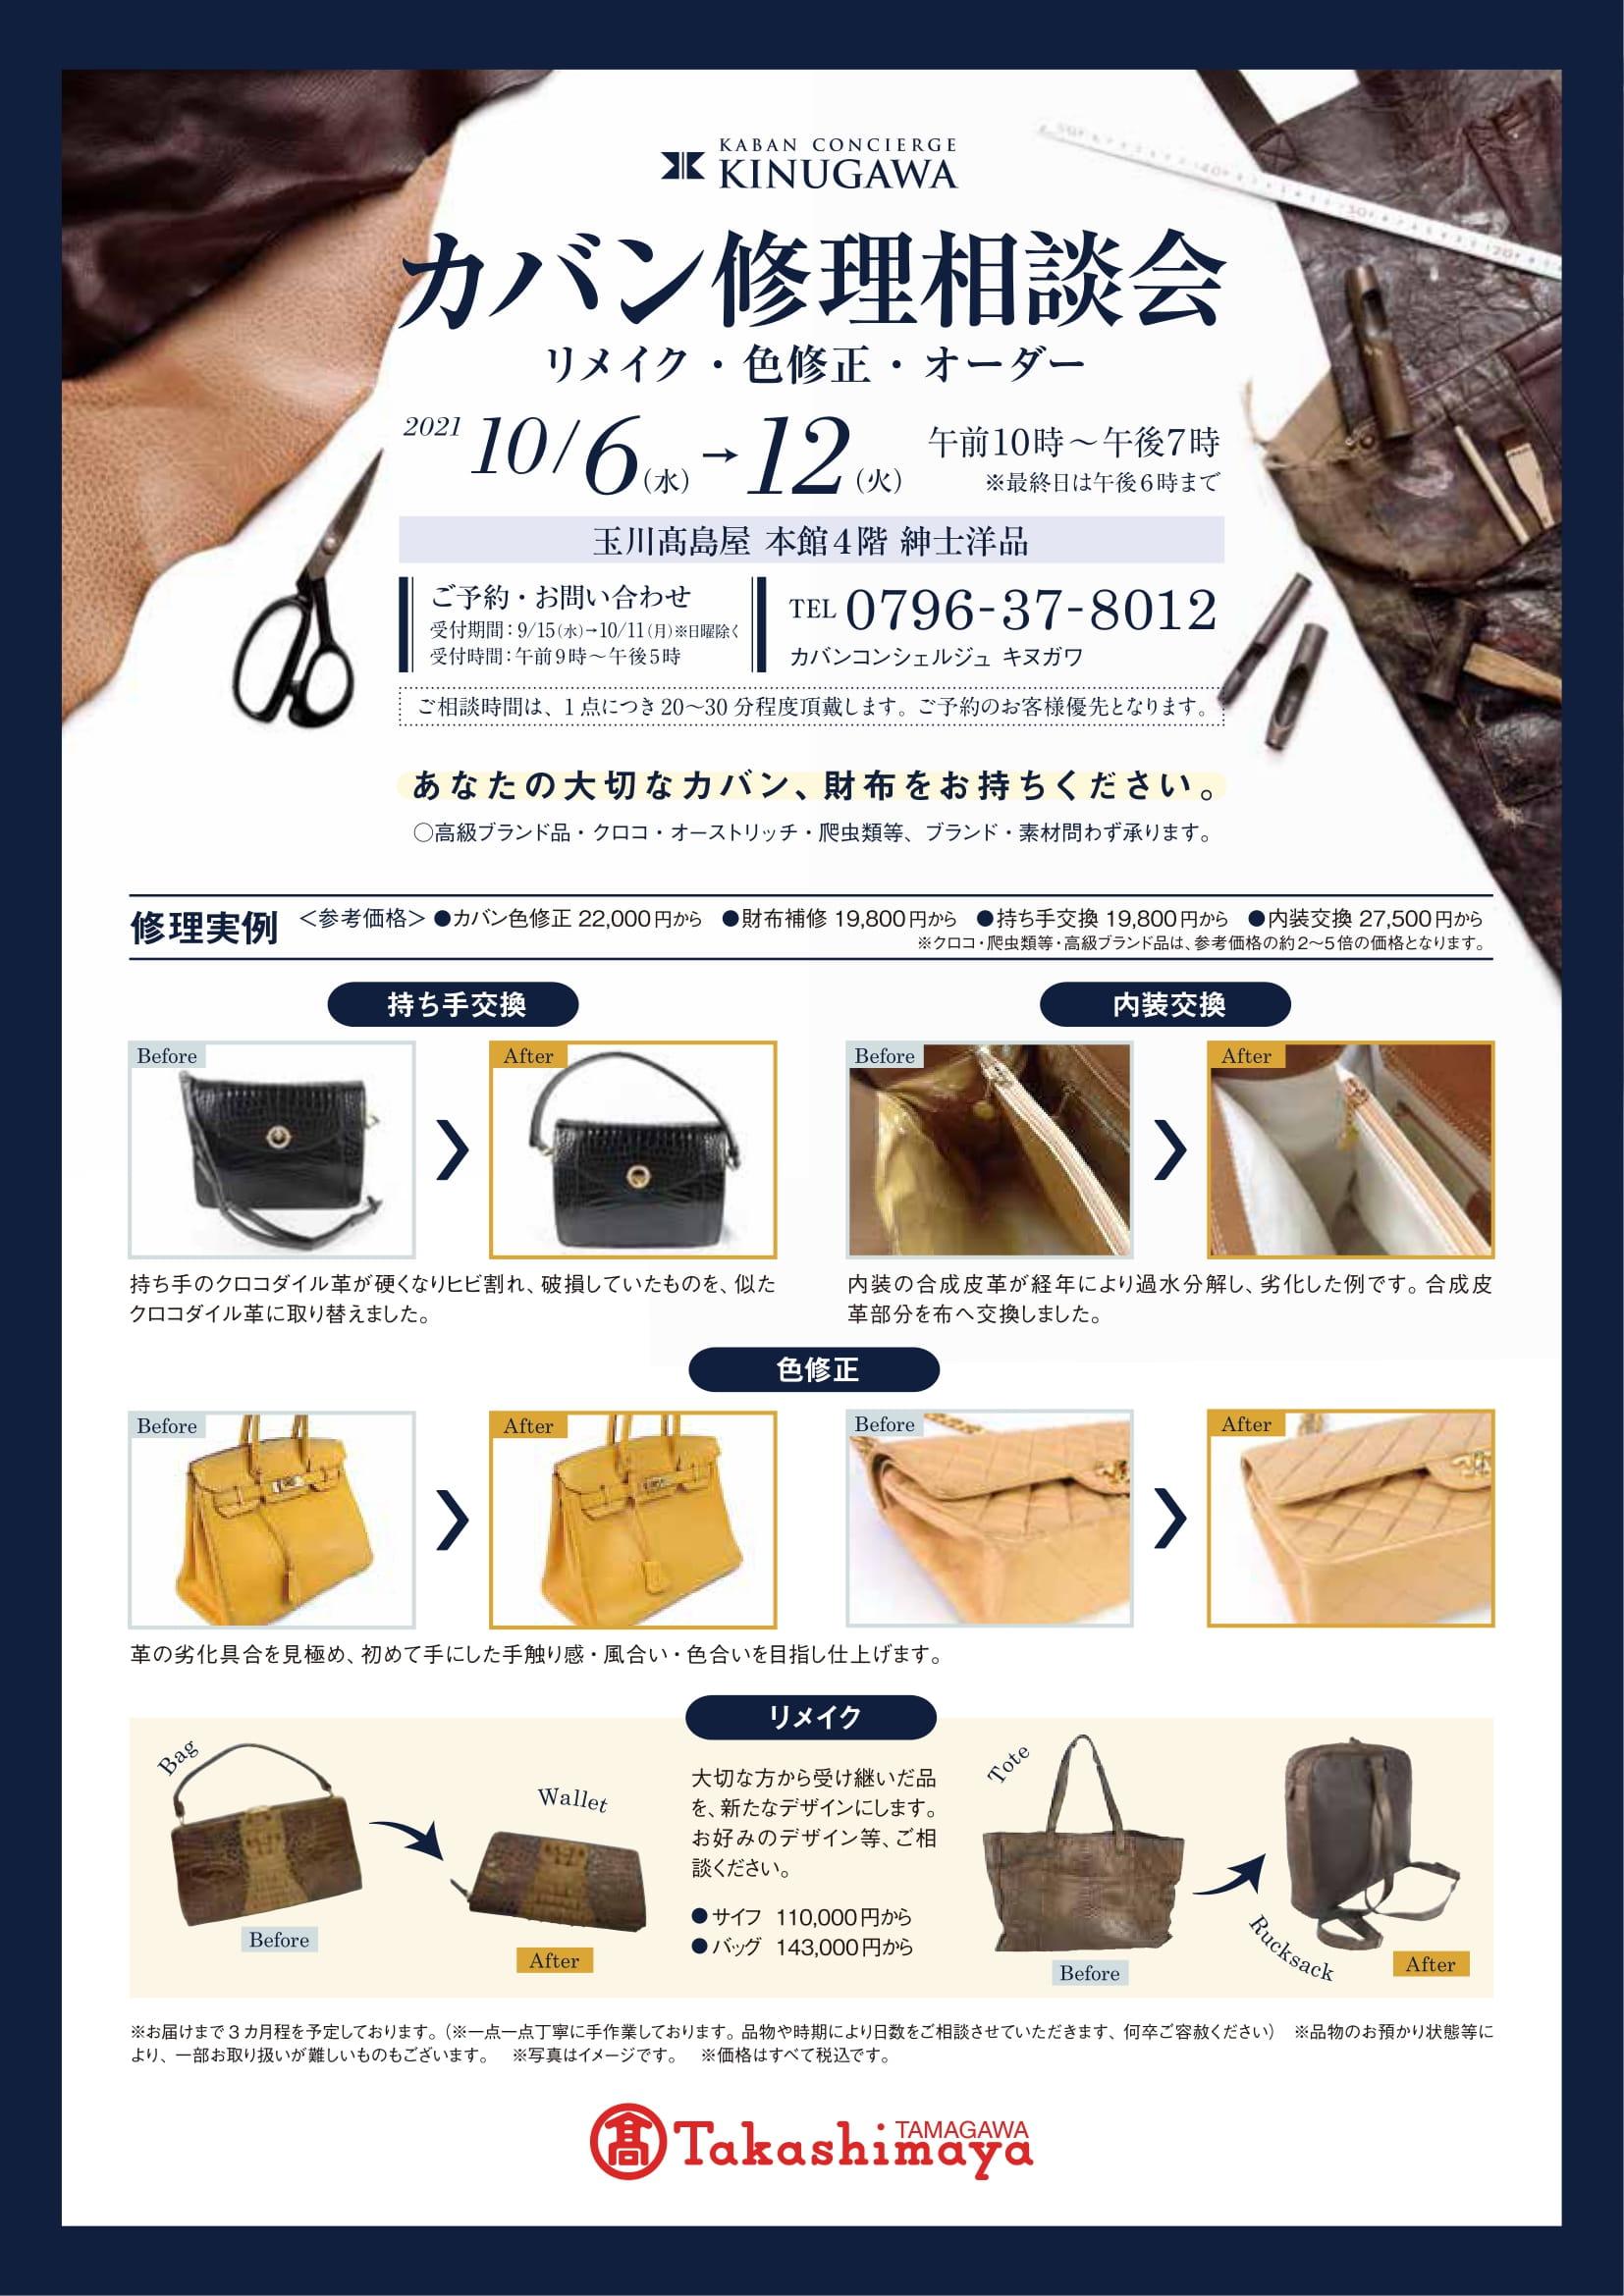 玉川高島屋 カバン修理相談会